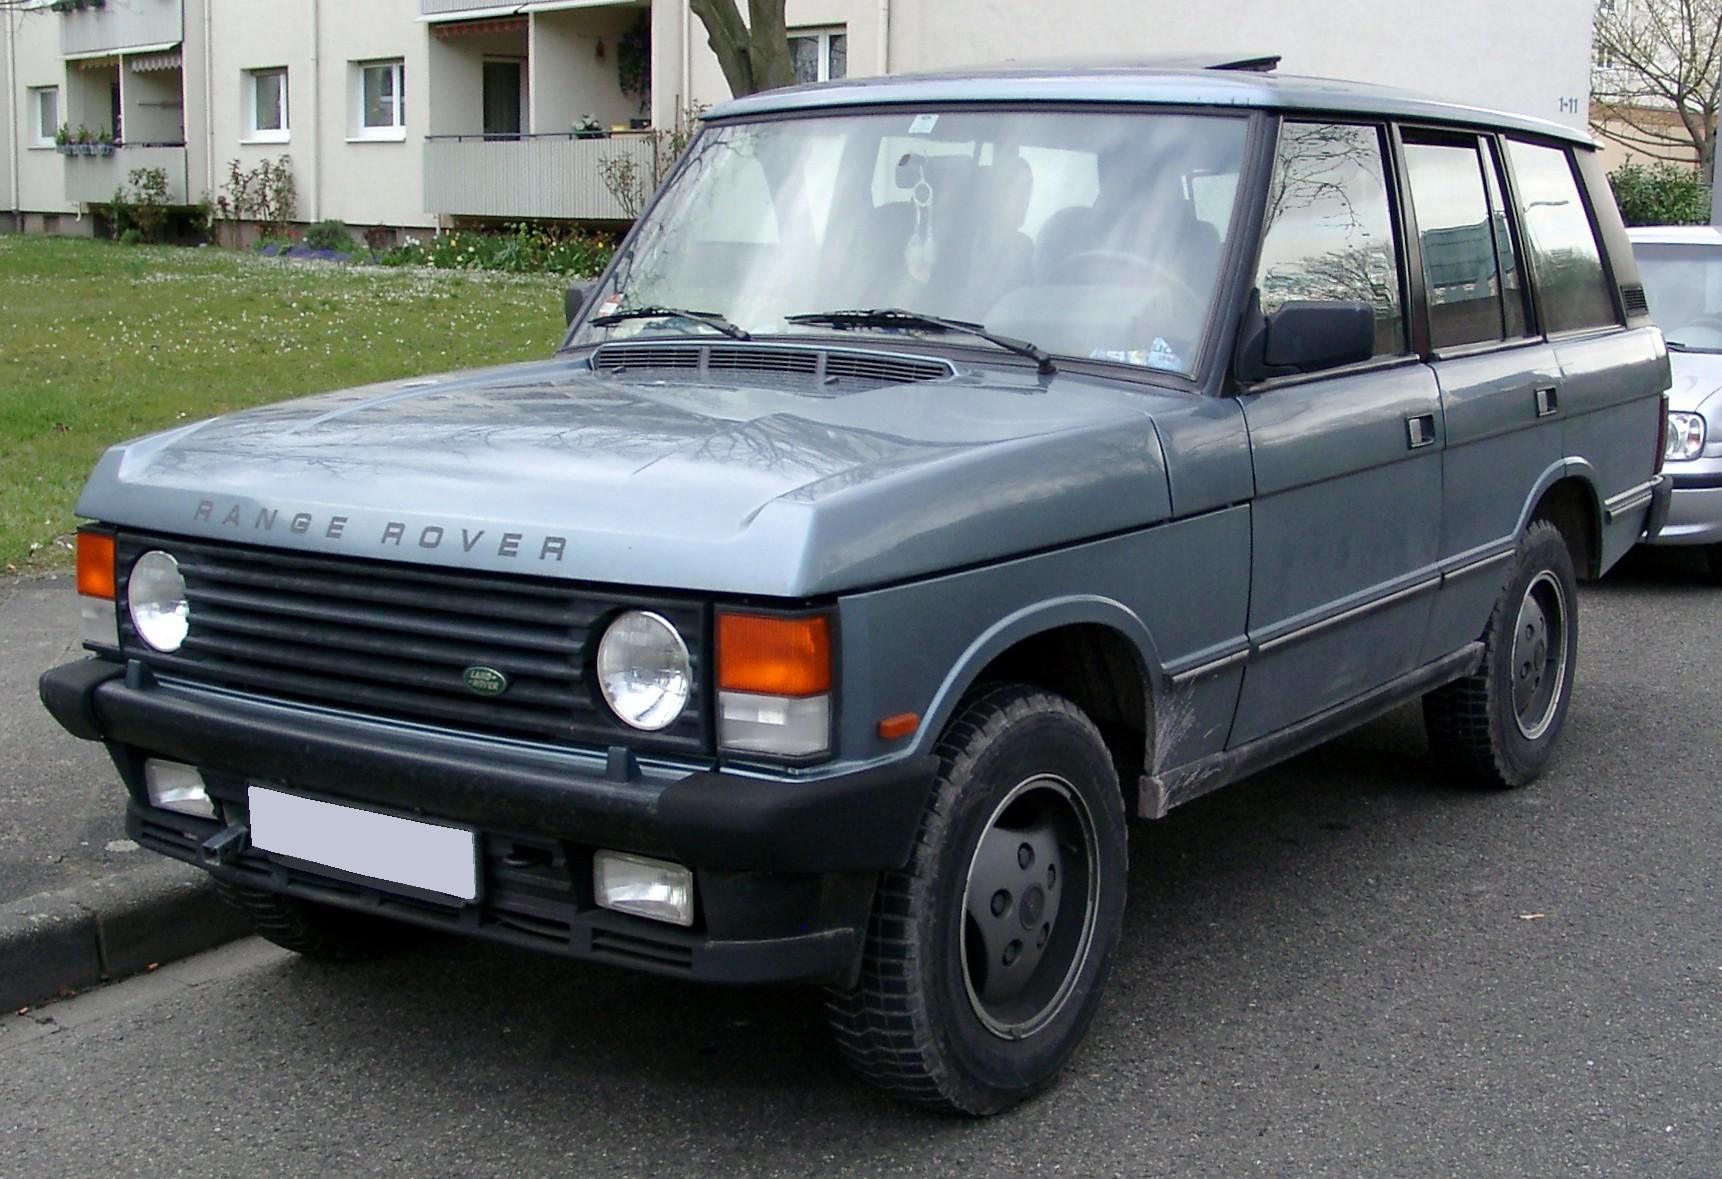 1994 Land Rover Range Rover Information and photos MOMENTcar